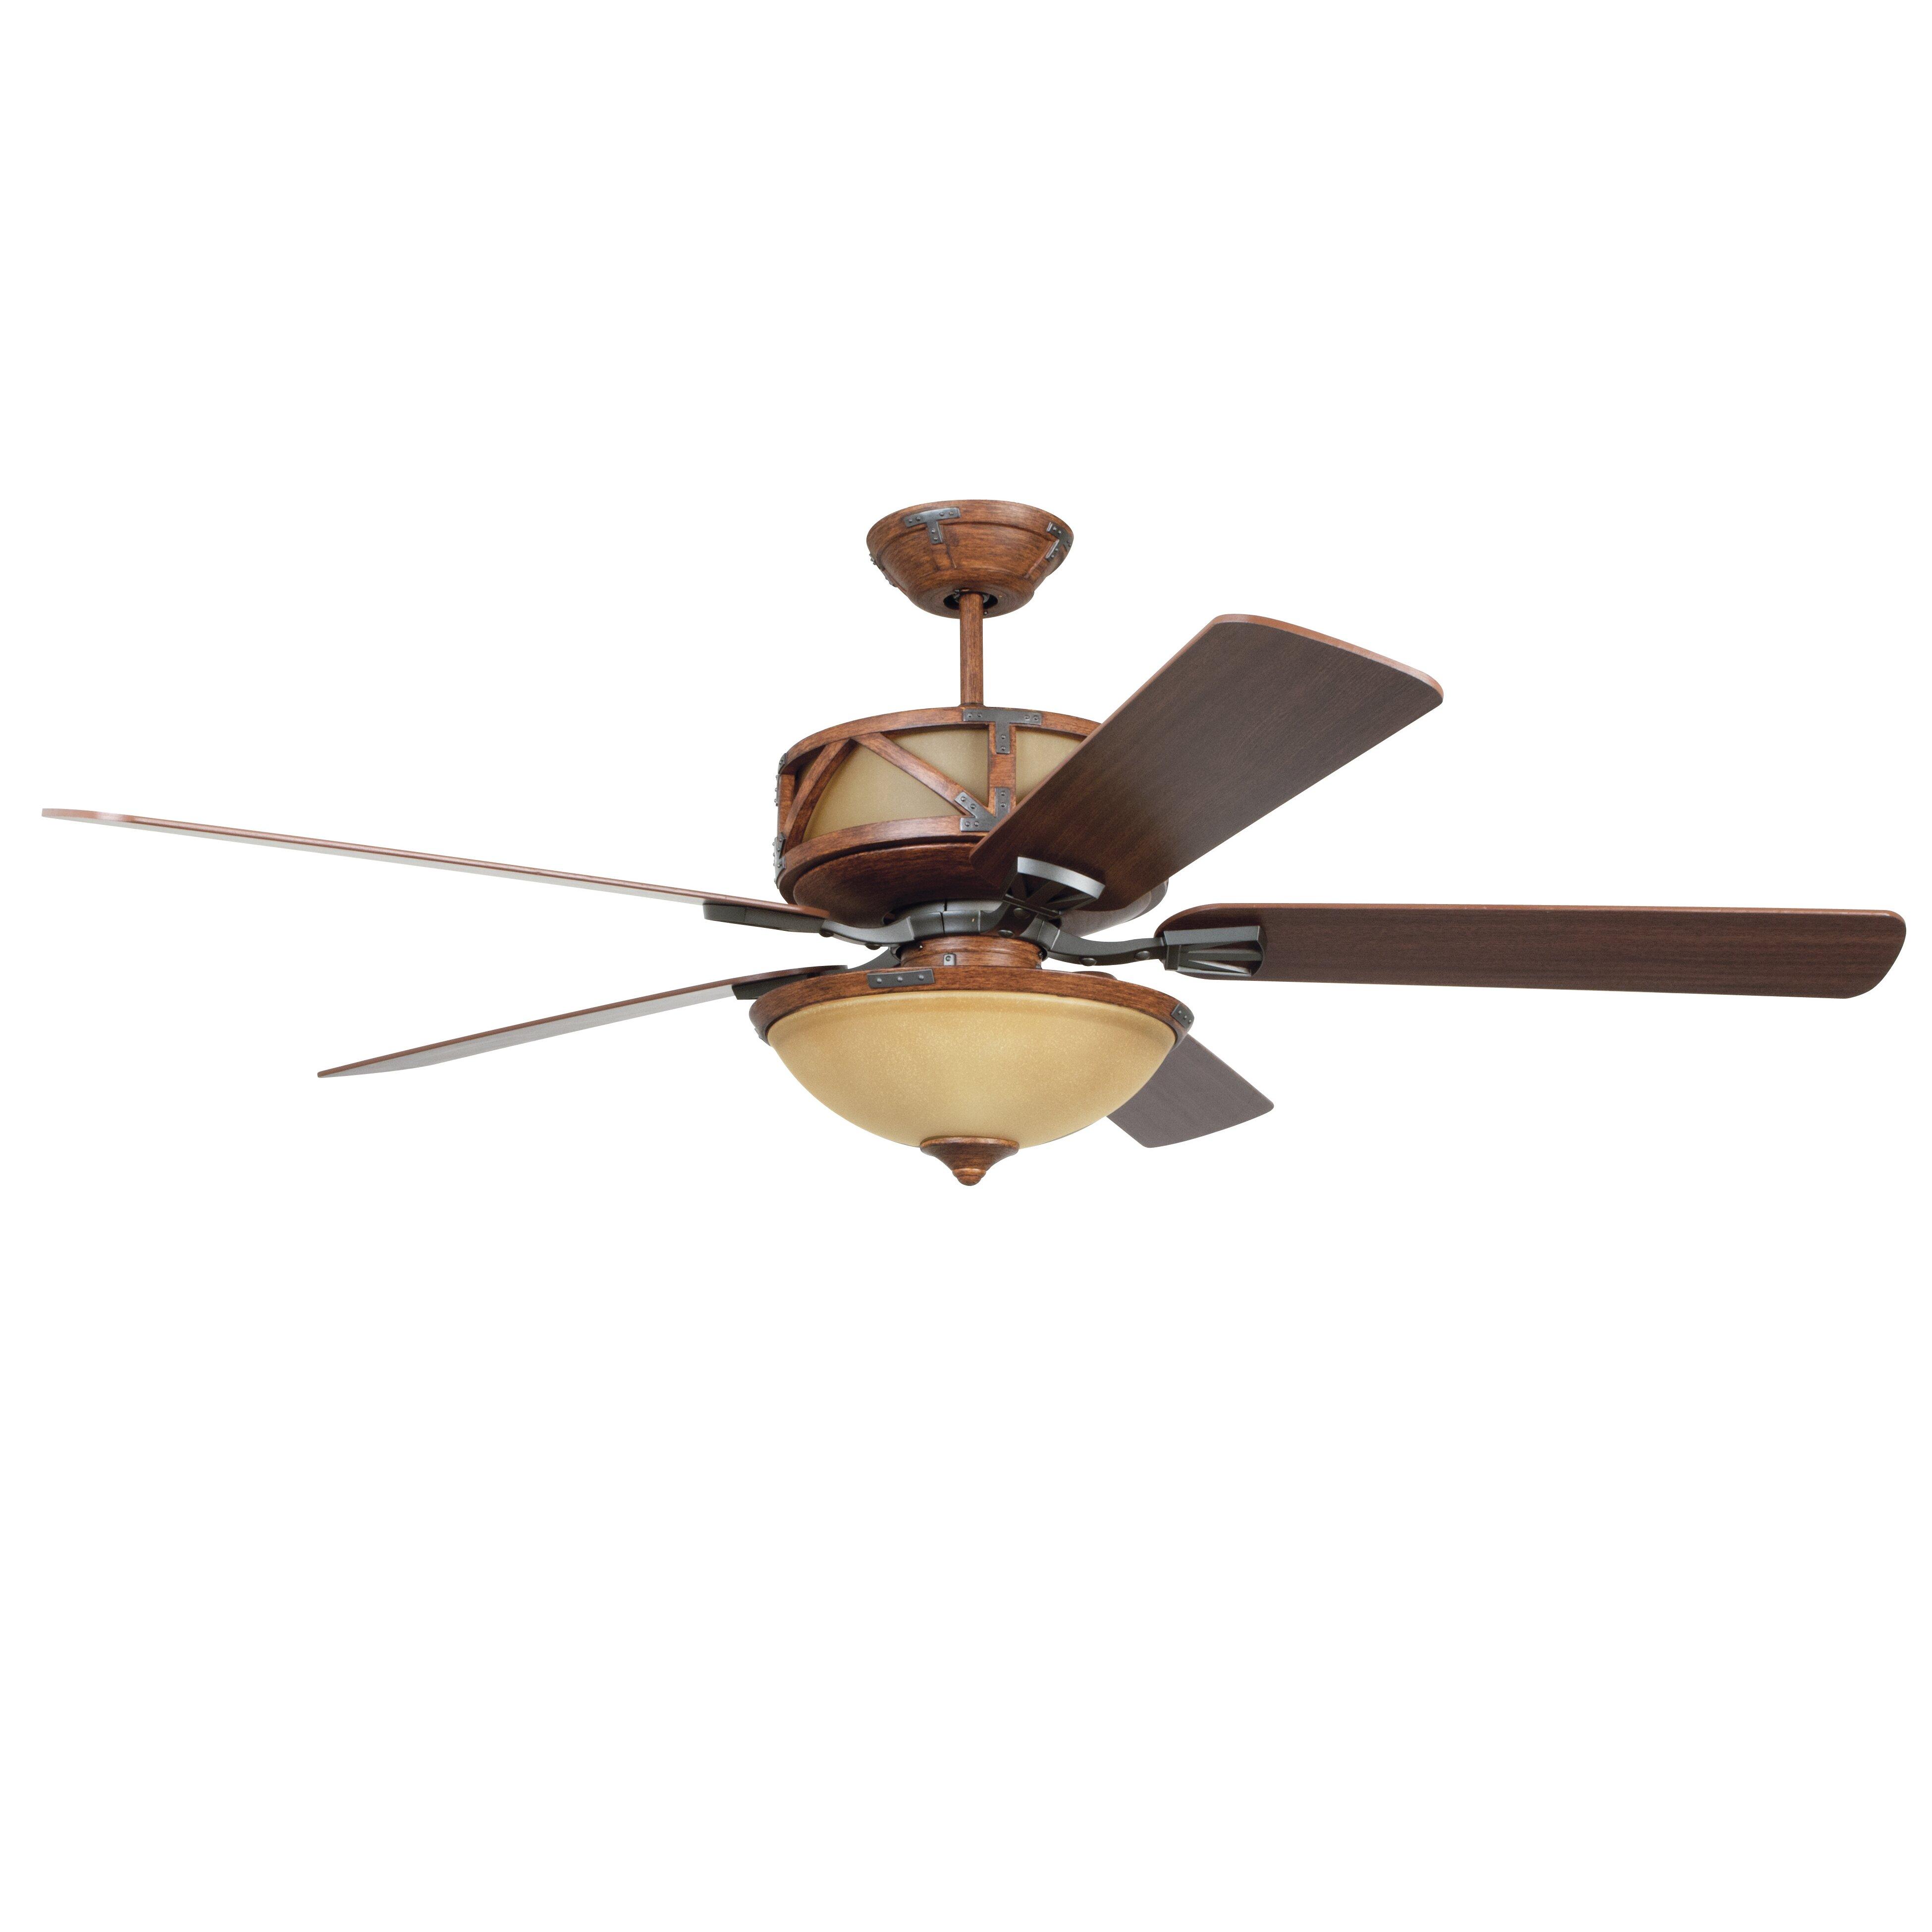 Ellington 60 Deer Lodge 5 Blade Ceiling Fan With Wall